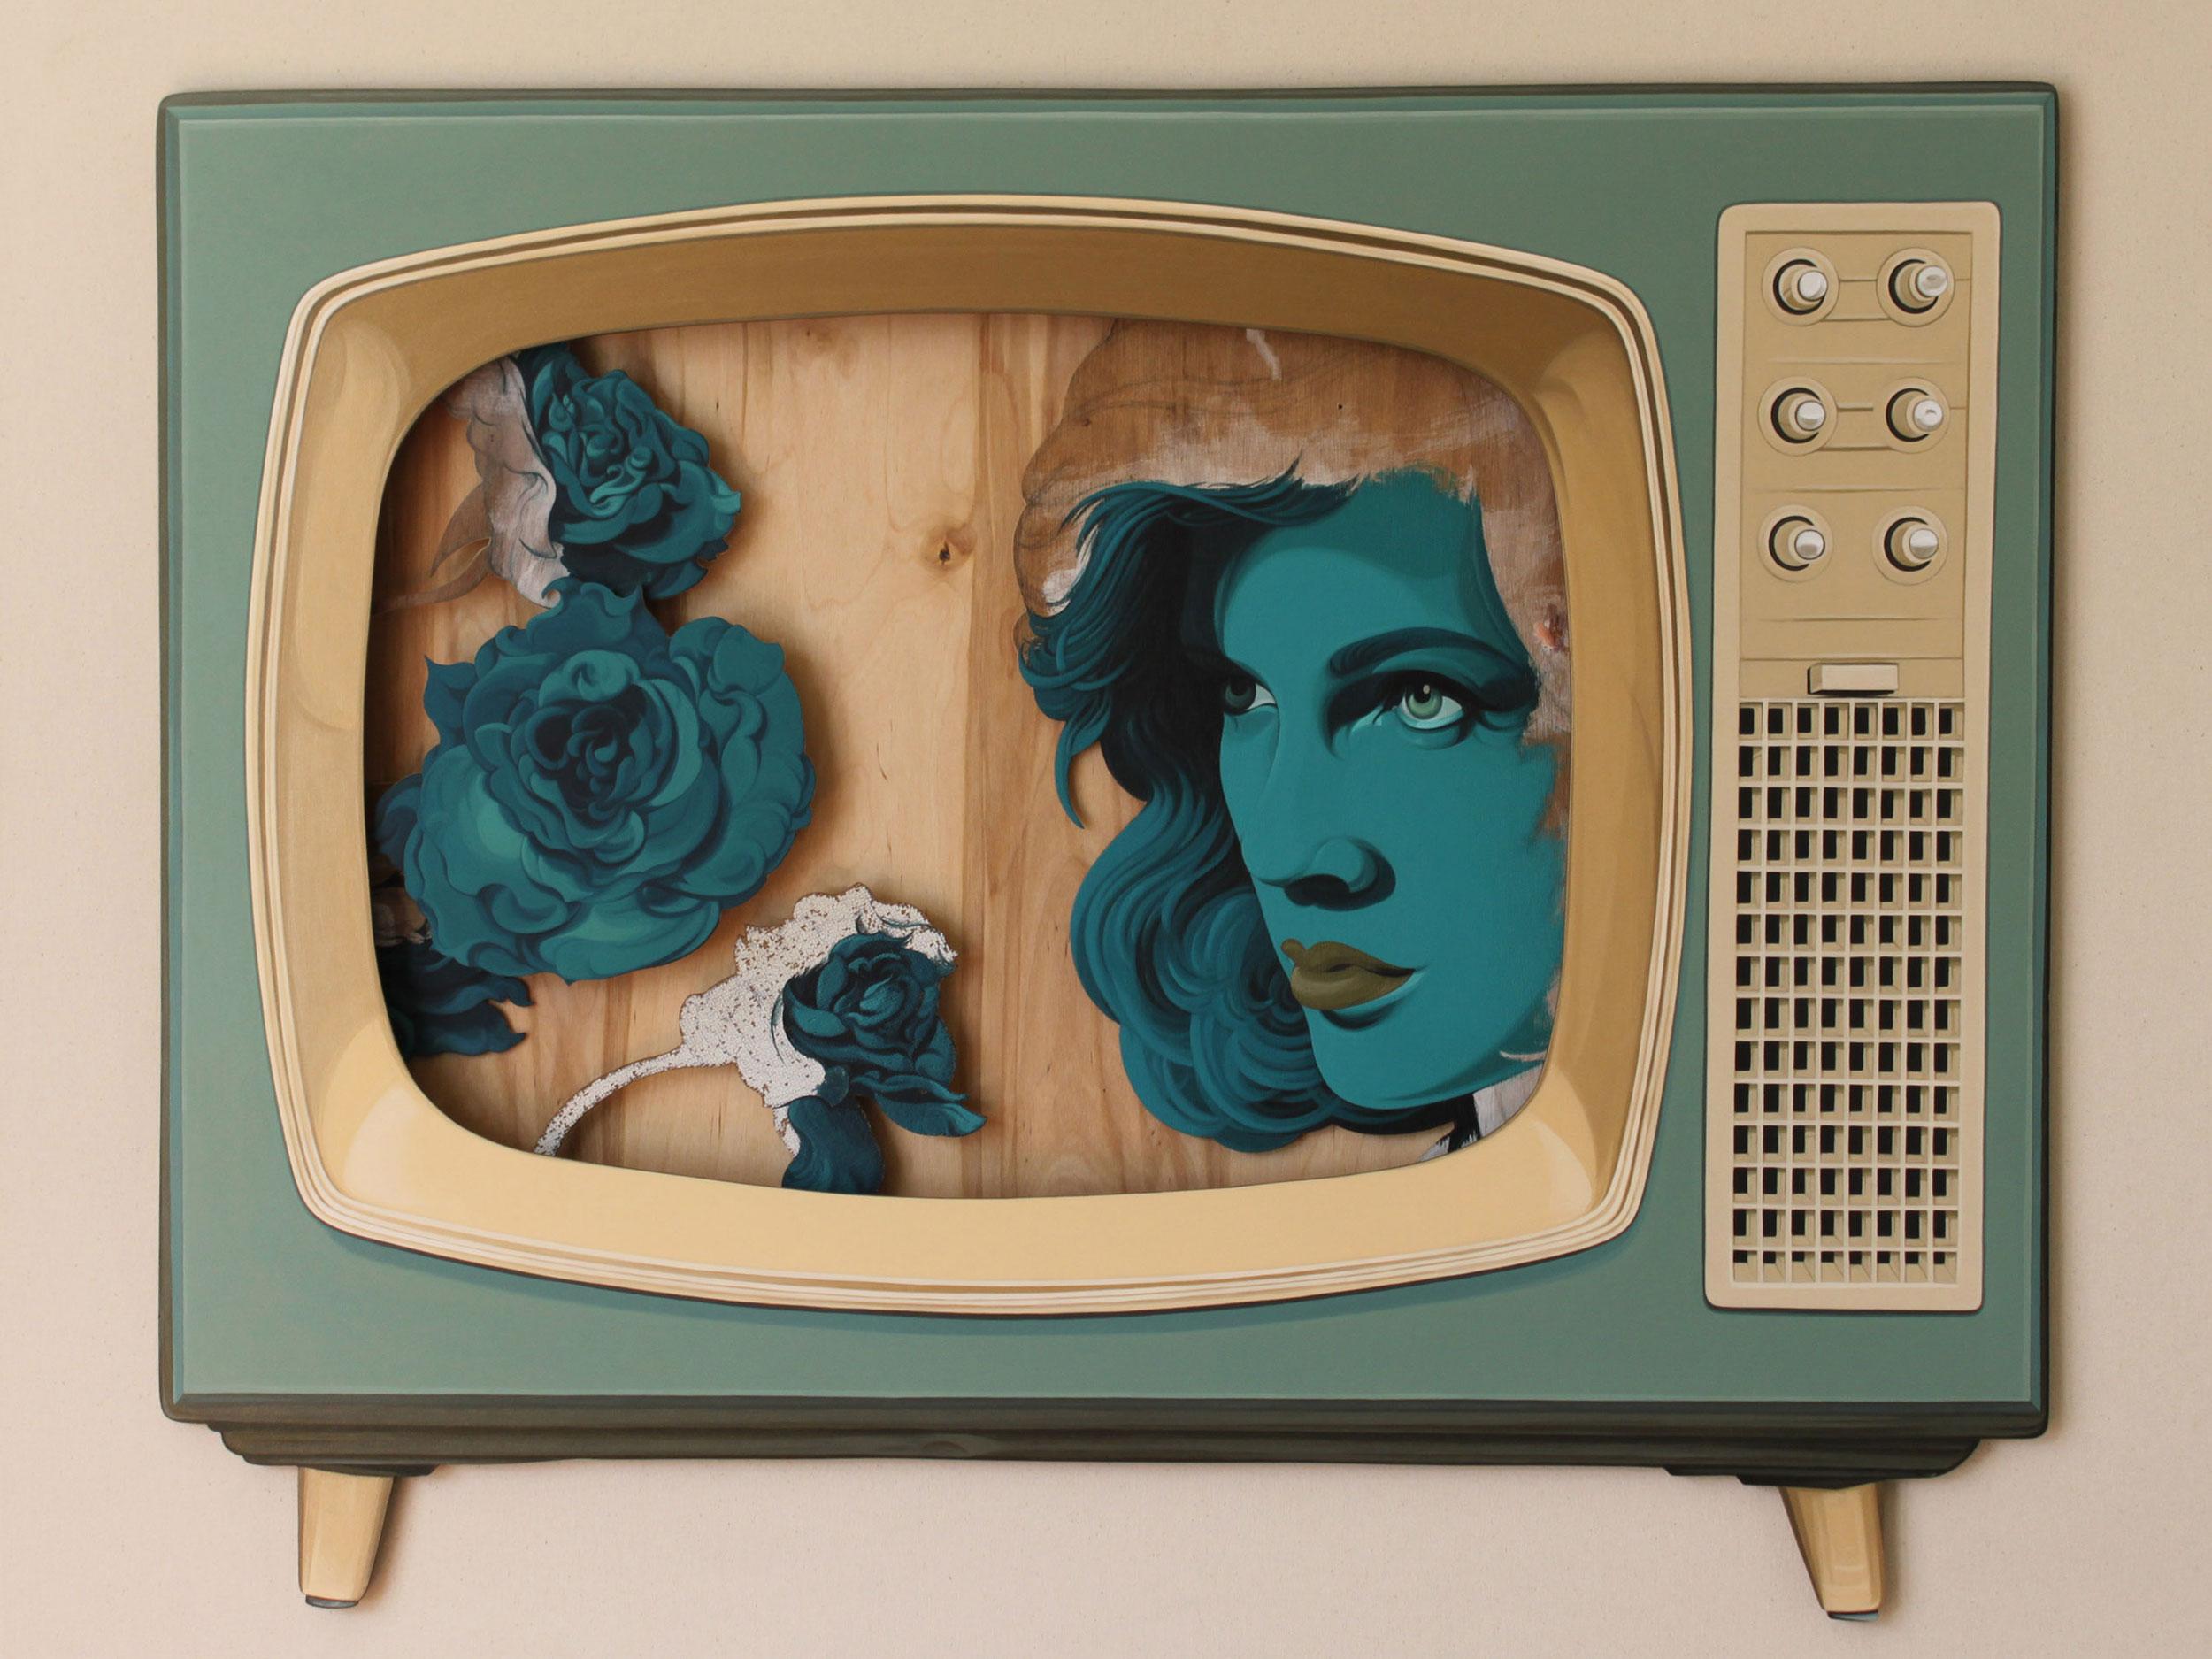 tv-garden-party-1.jpg